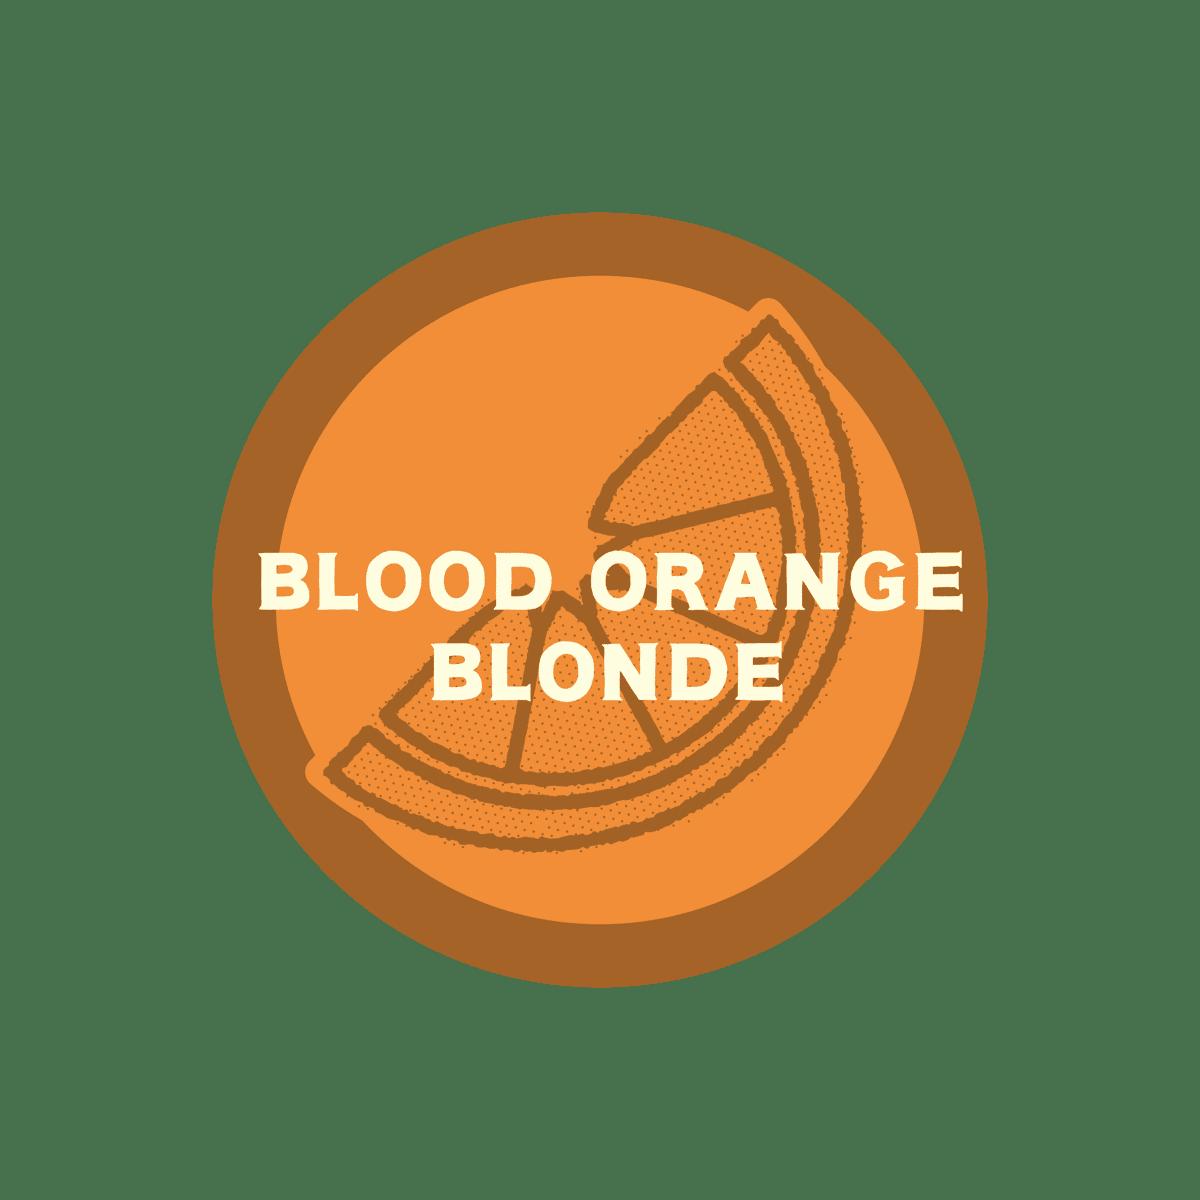 Blood Orange Blonde